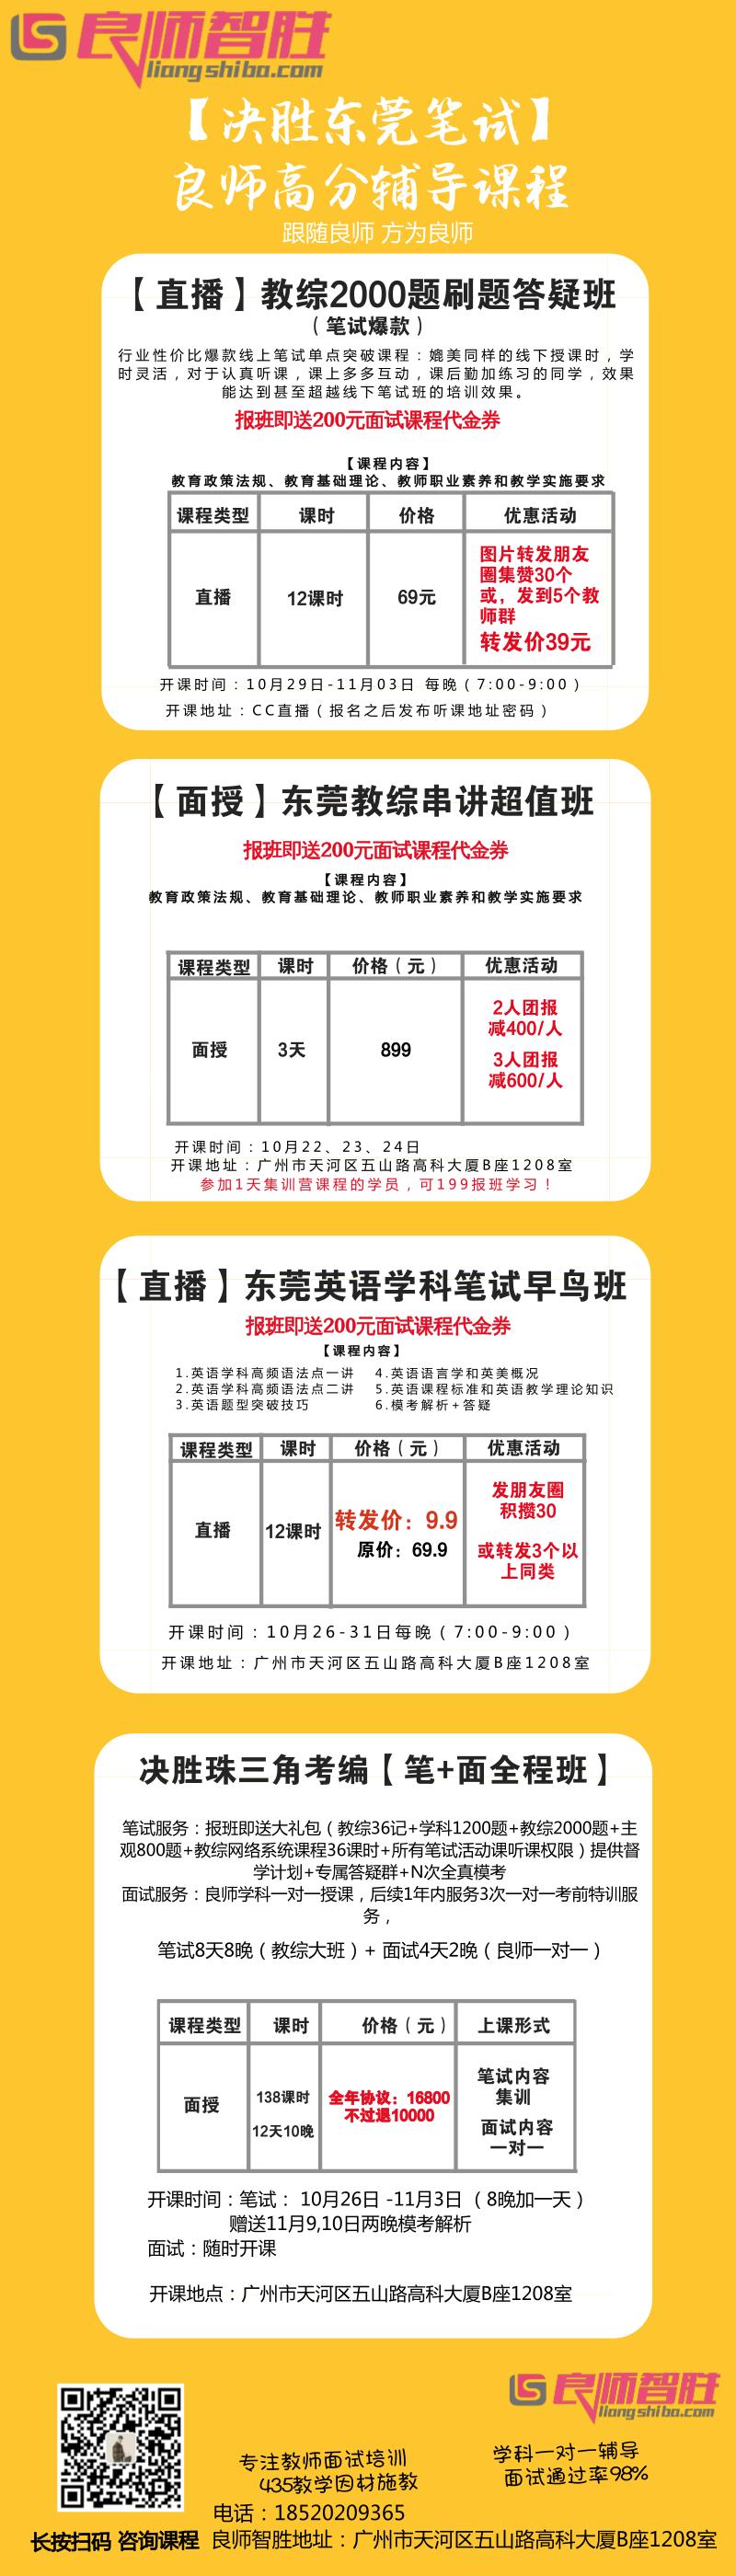 2017东莞招考课程_信息图_2017.10.22.png